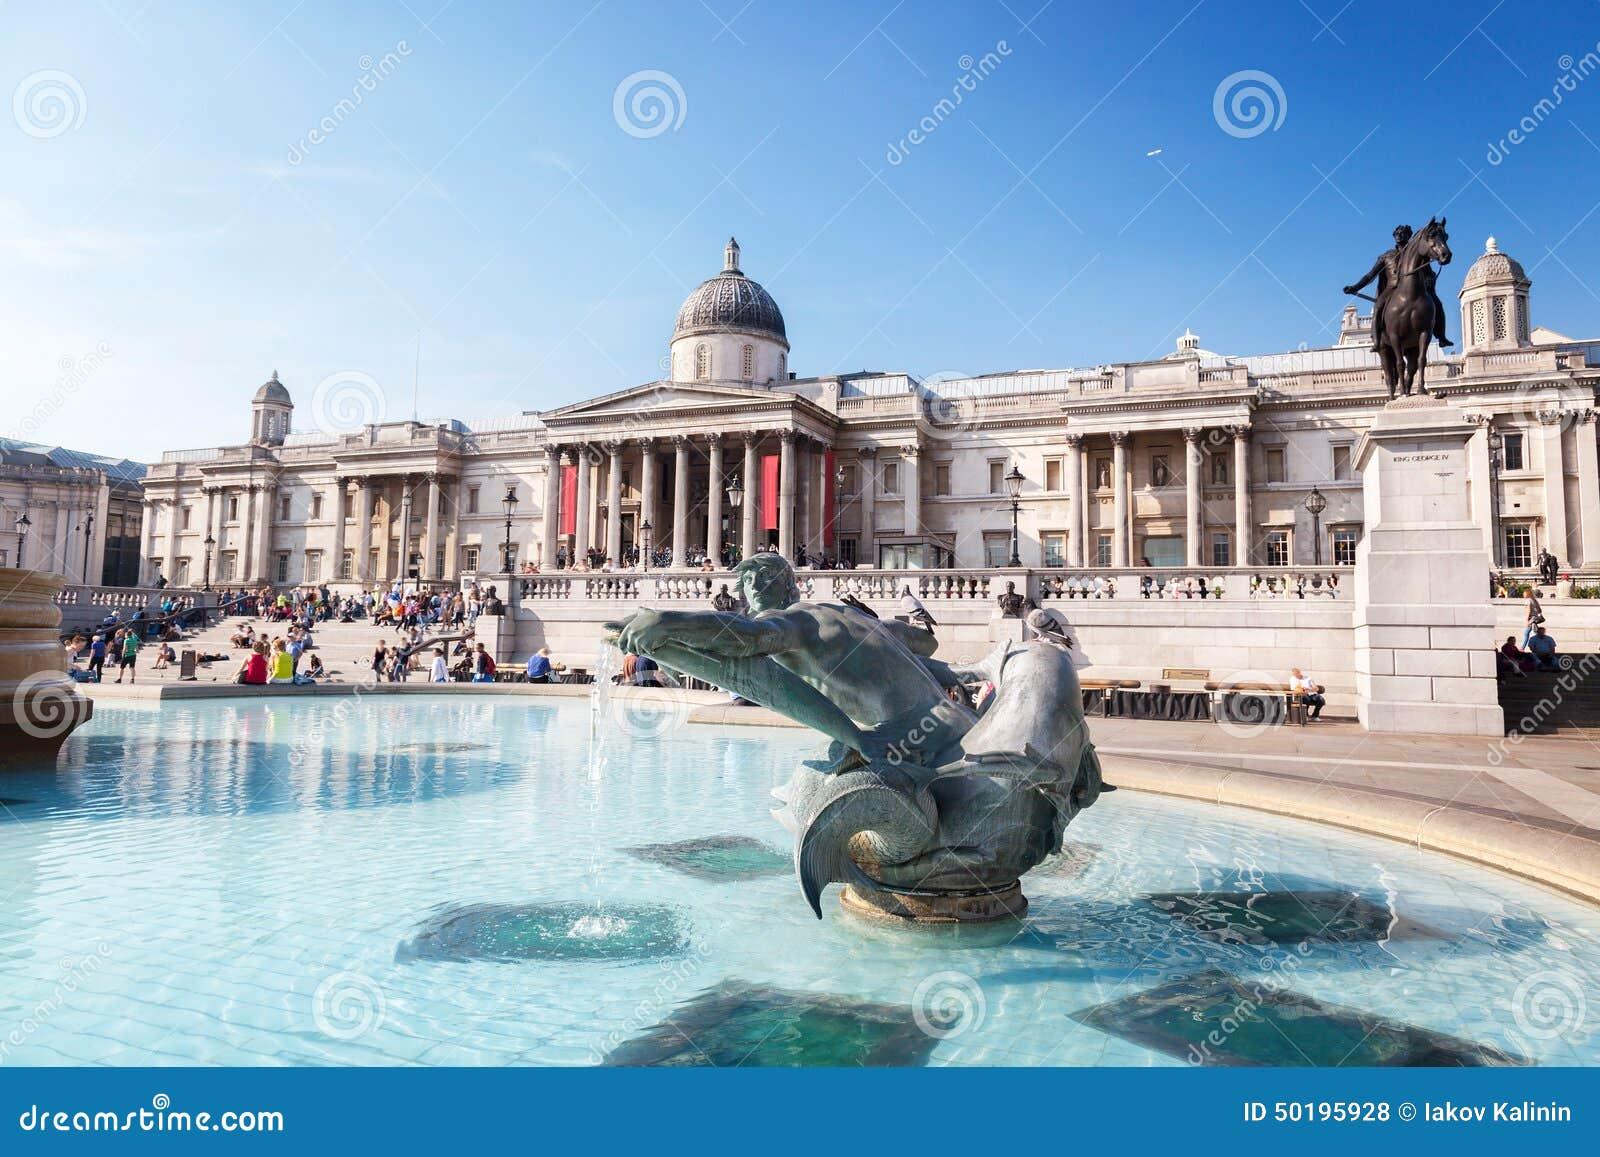 Londres, fuente en Trafalgar Square